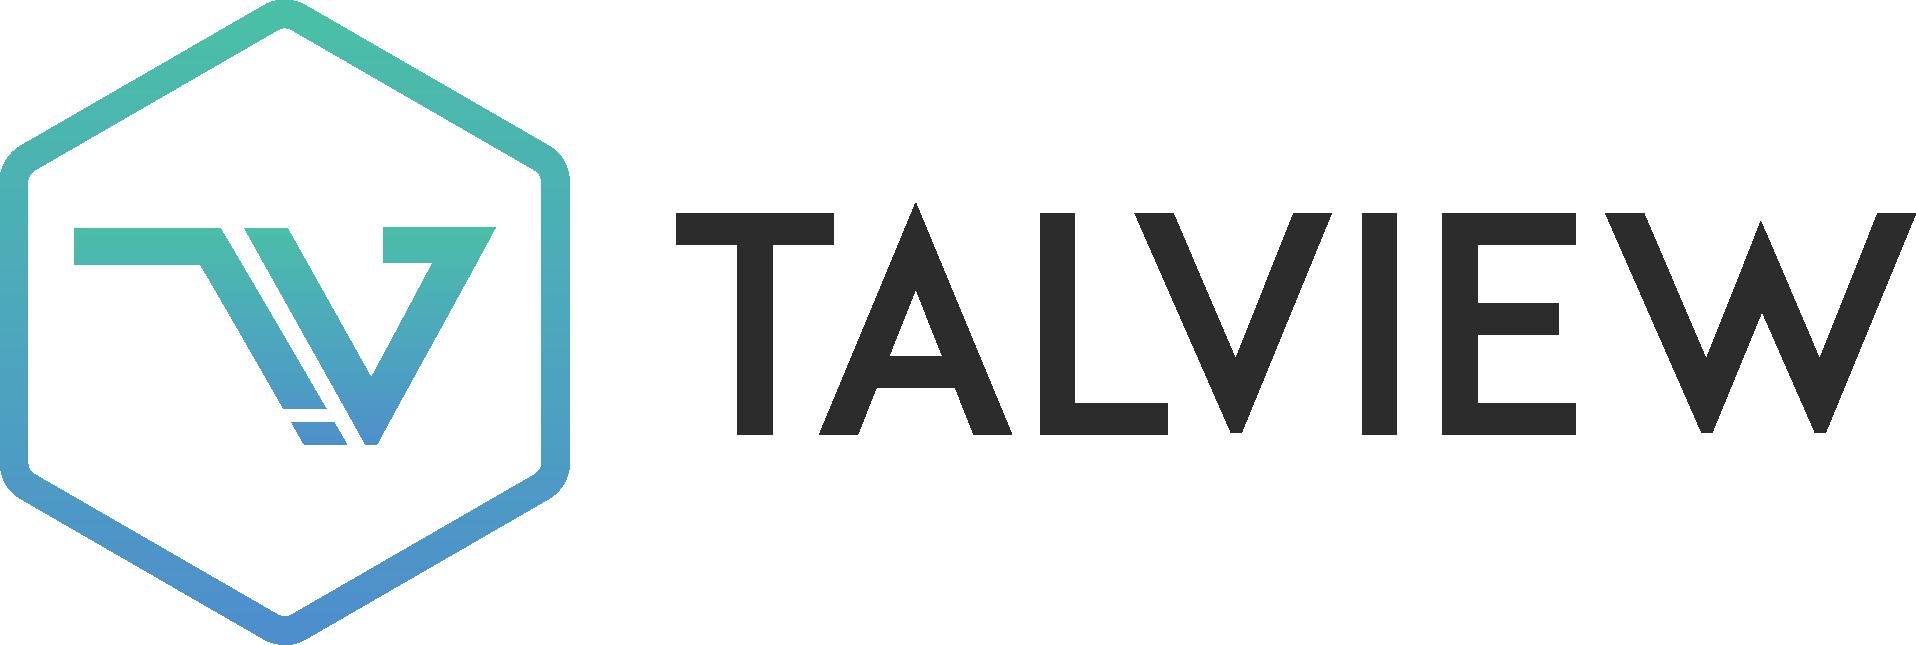 Blog | Talview